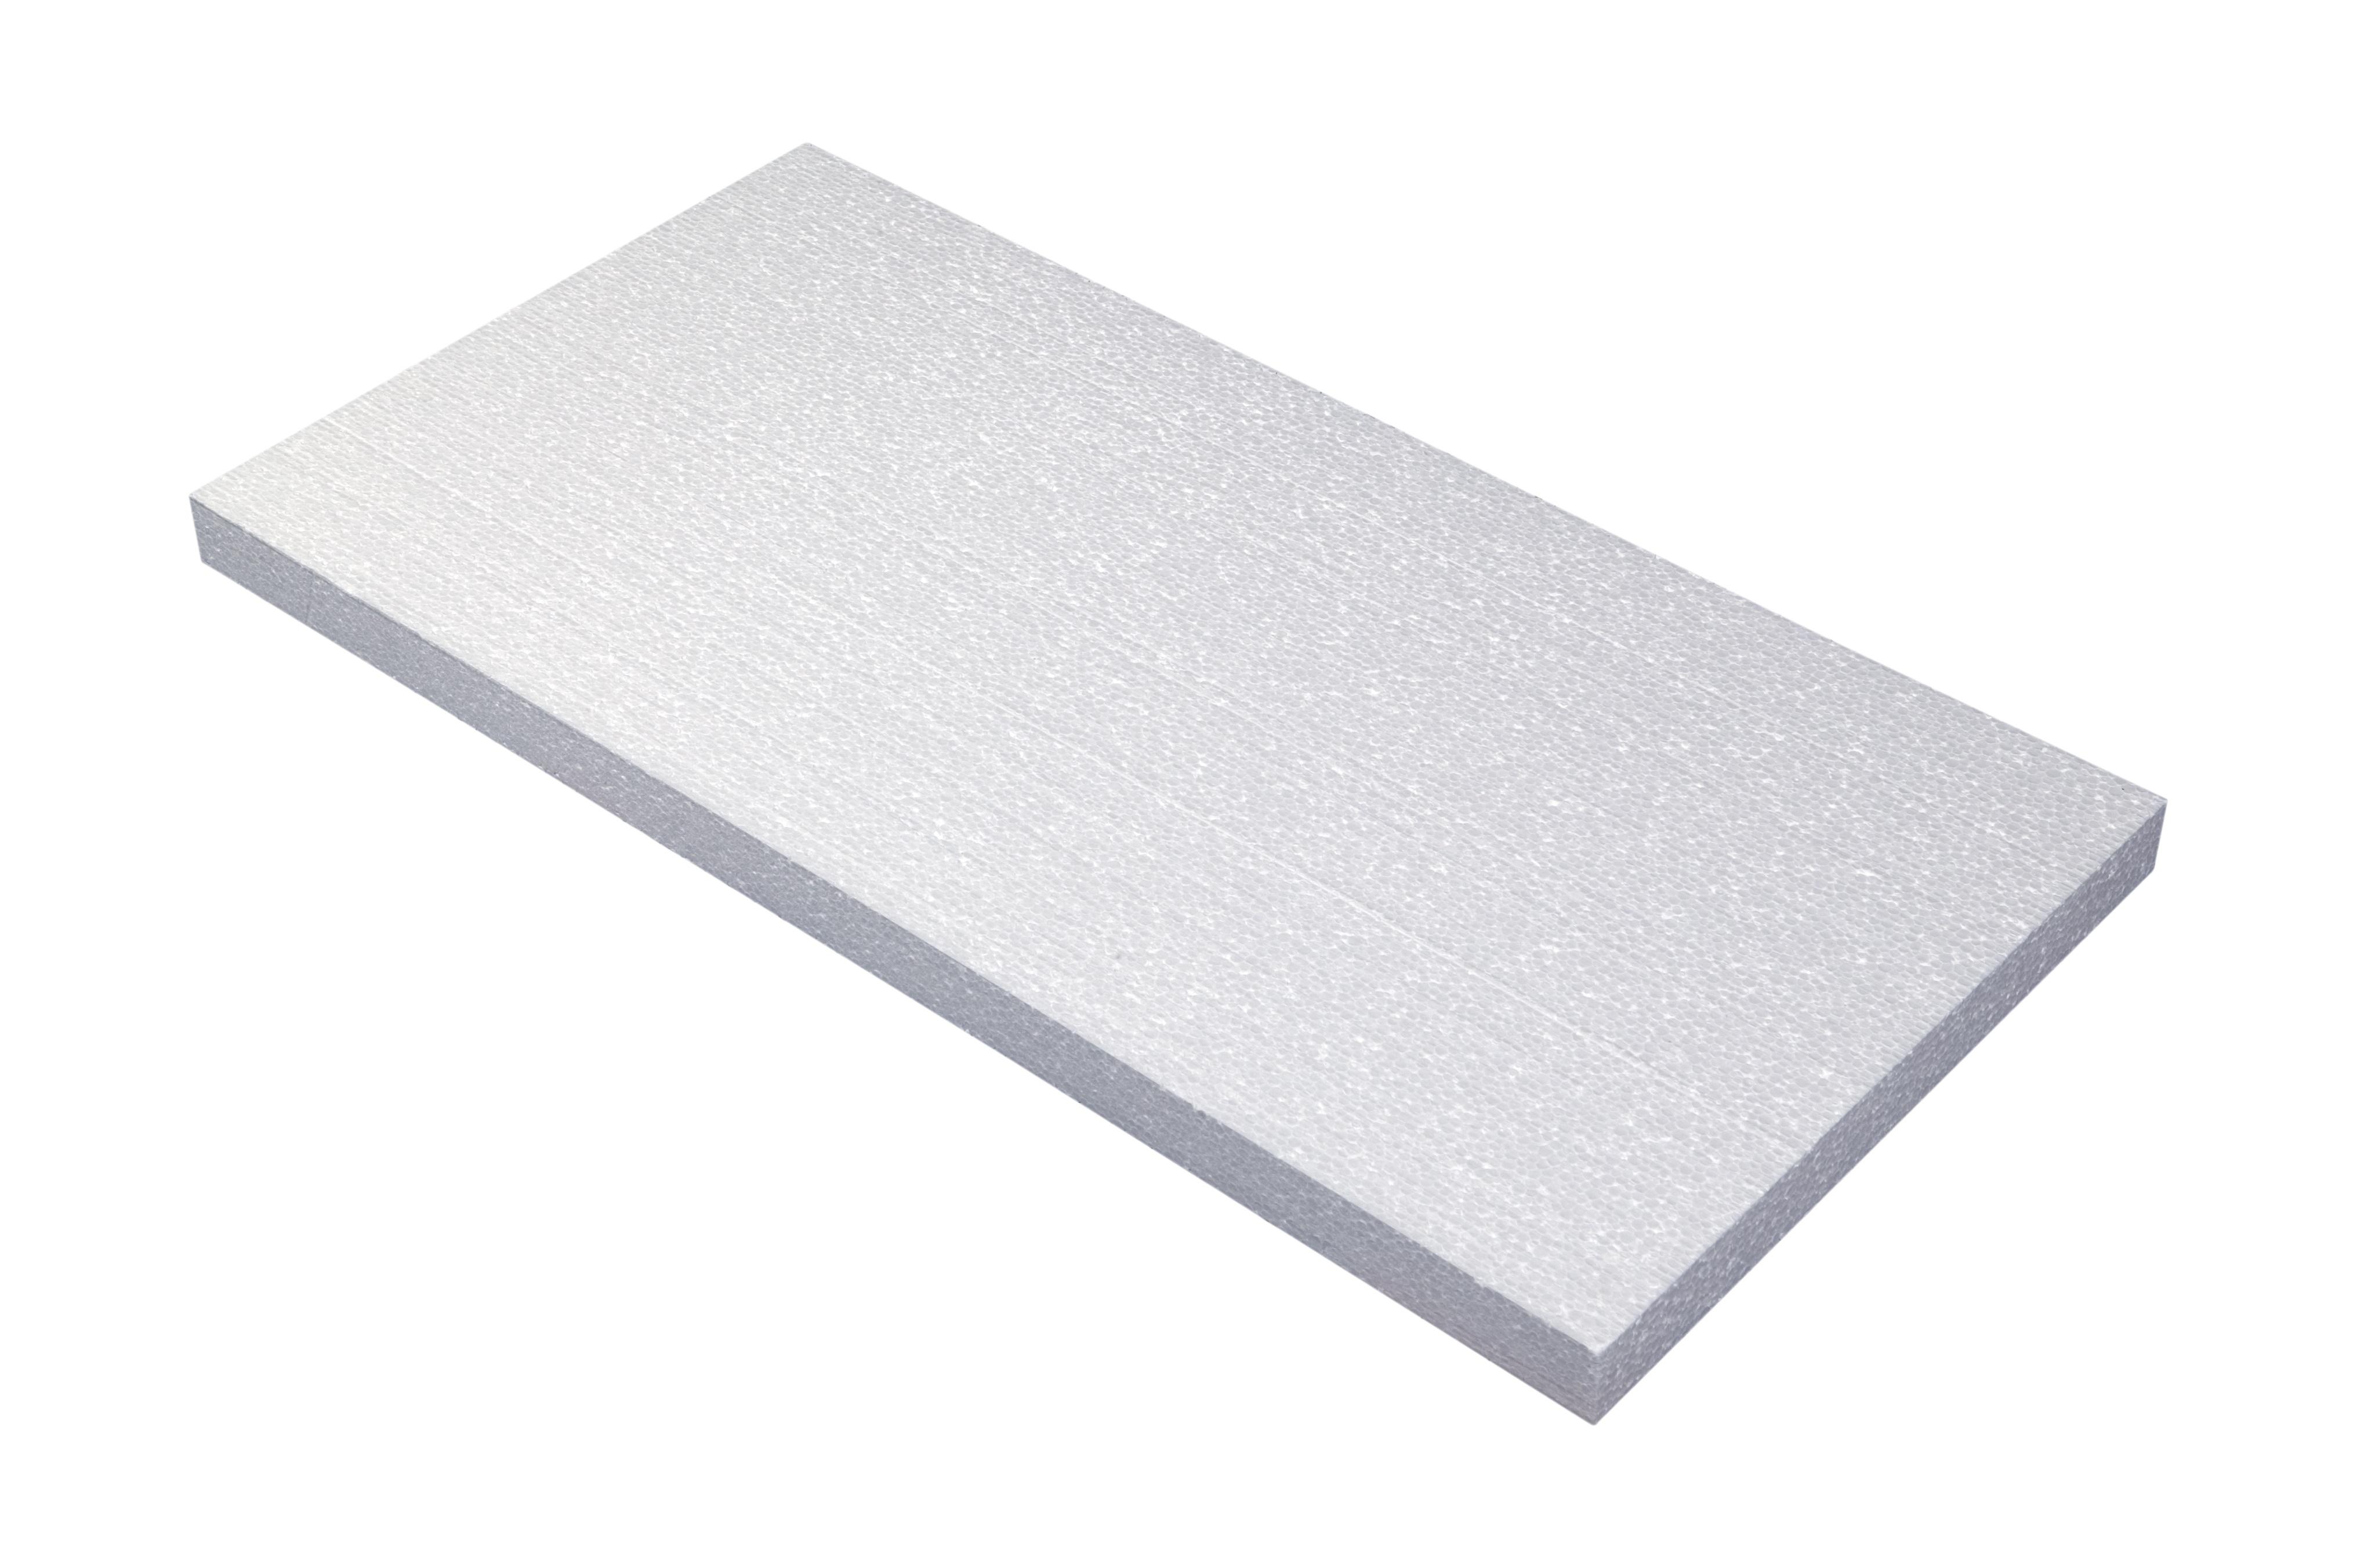 Db vloerplaat geluidsisolatie isobouw isolatie